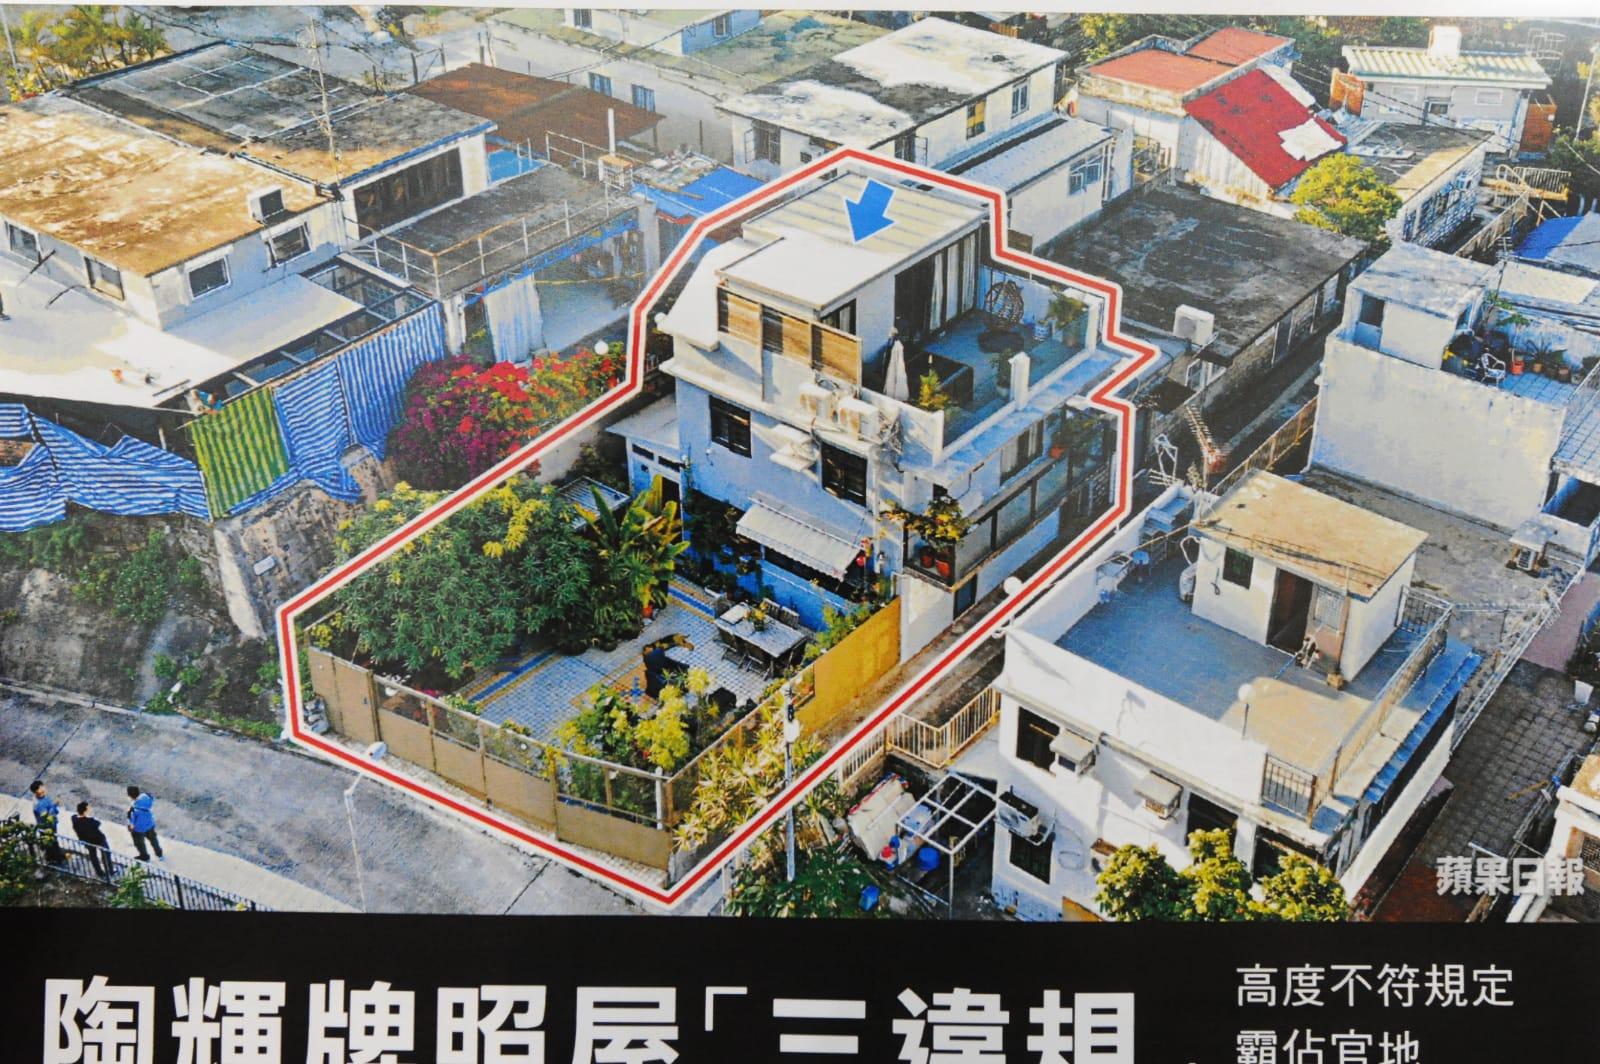 陶輝居住在清水灣碧水新村的一間「牌照屋」,被指懷疑違反牌照條款,以及花園涉嫌佔用官地。(宋碧龍 / 大紀元)